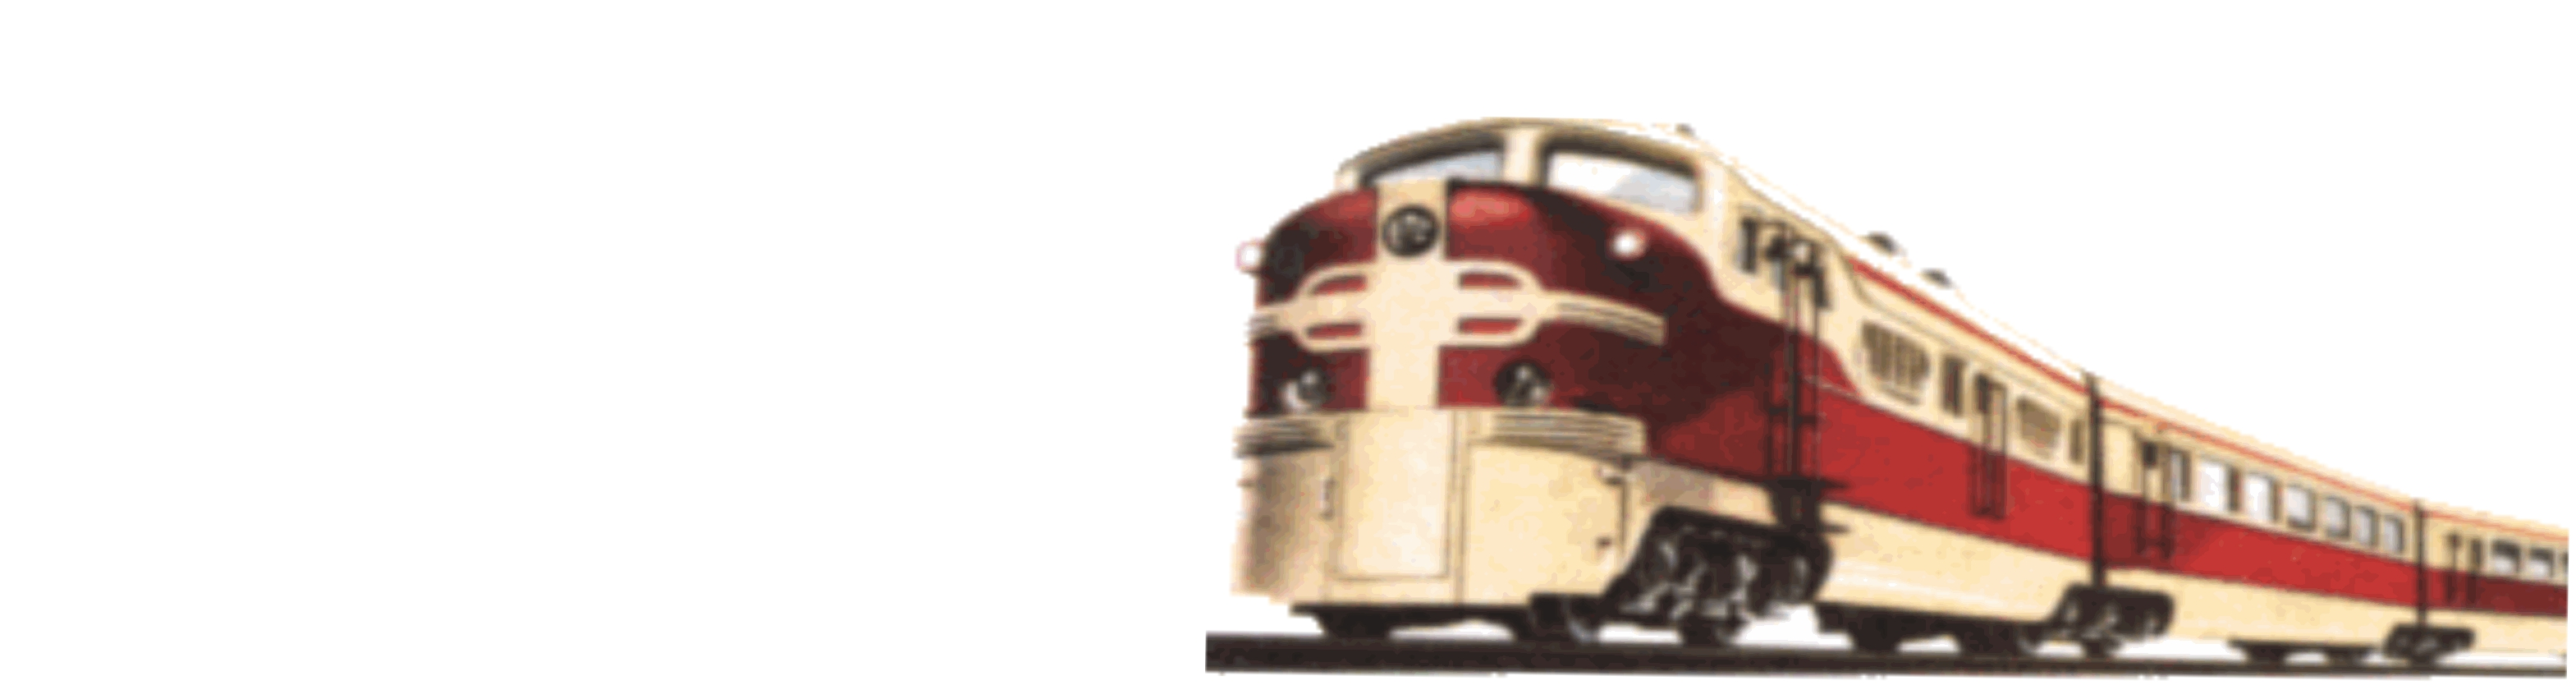 Termine Modellspielzeugmärkte und Modellbahnmärkte